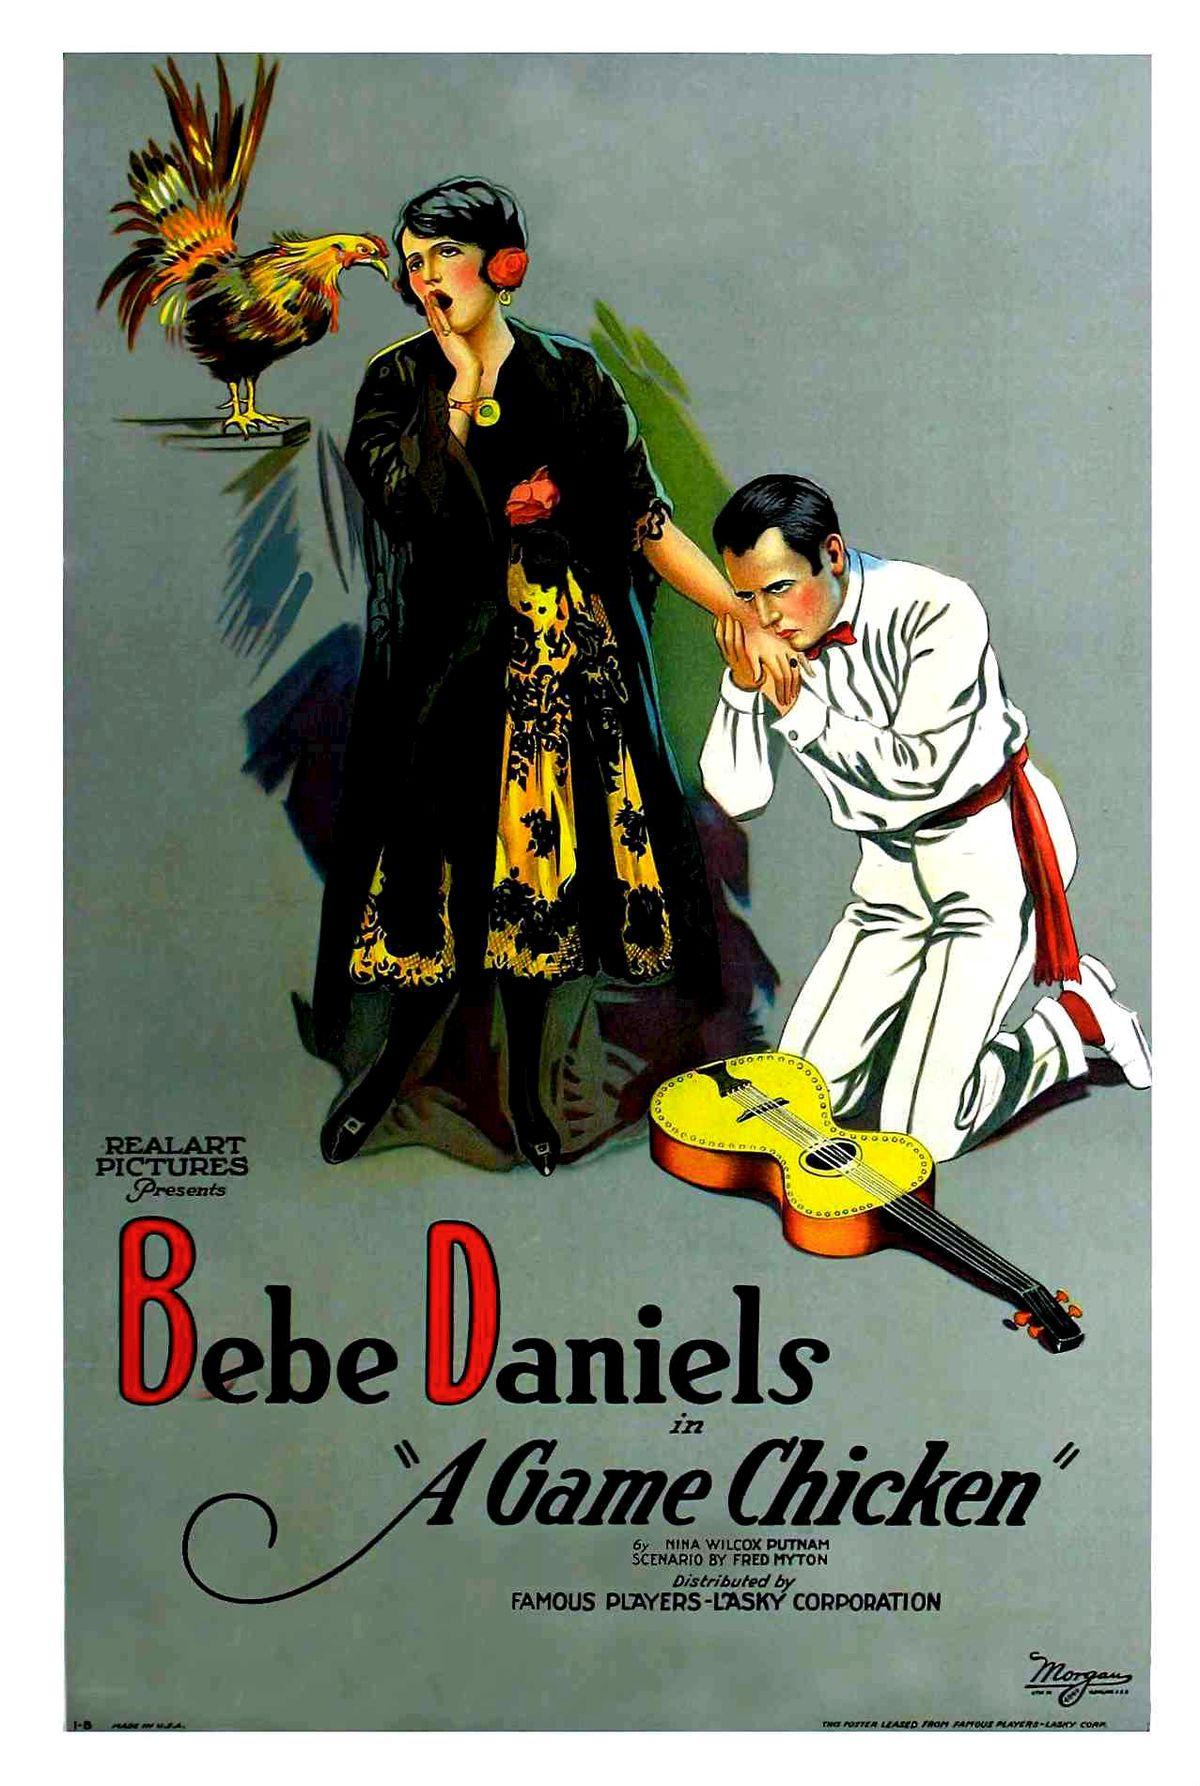 A Game Chicken (1922)